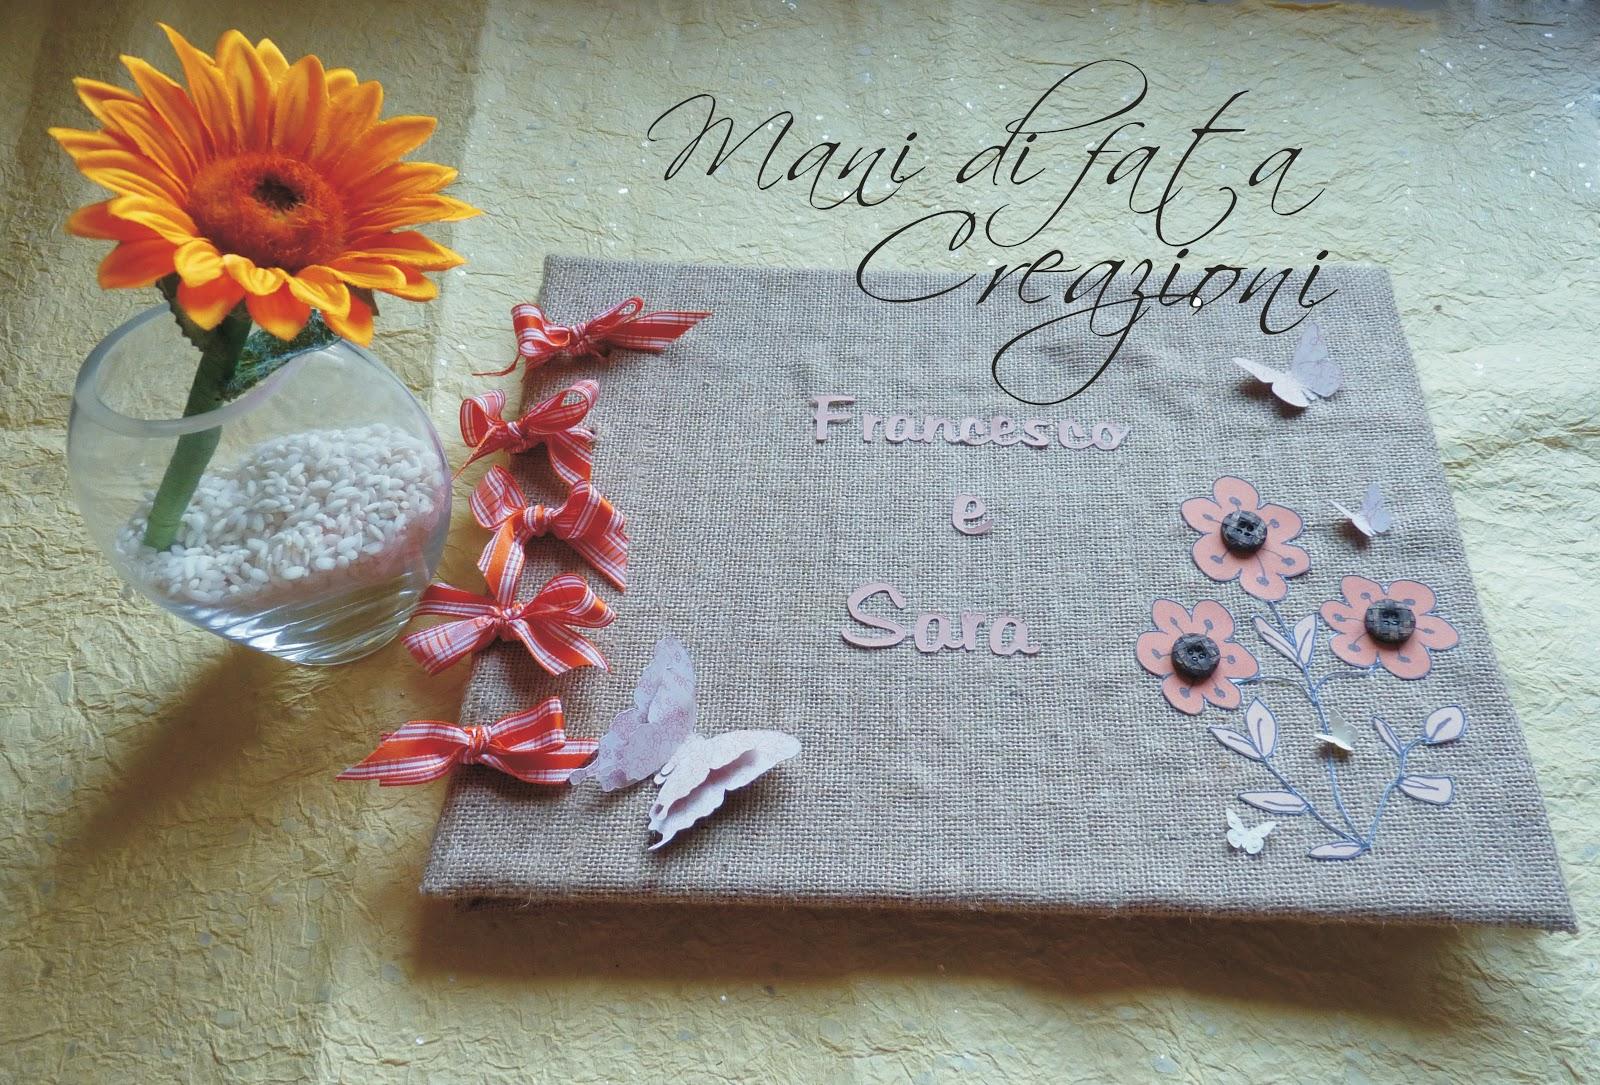 Guestbook Matrimonio Girasoli : Mani di fata creazioni guestbook matrimonio e penna rustico